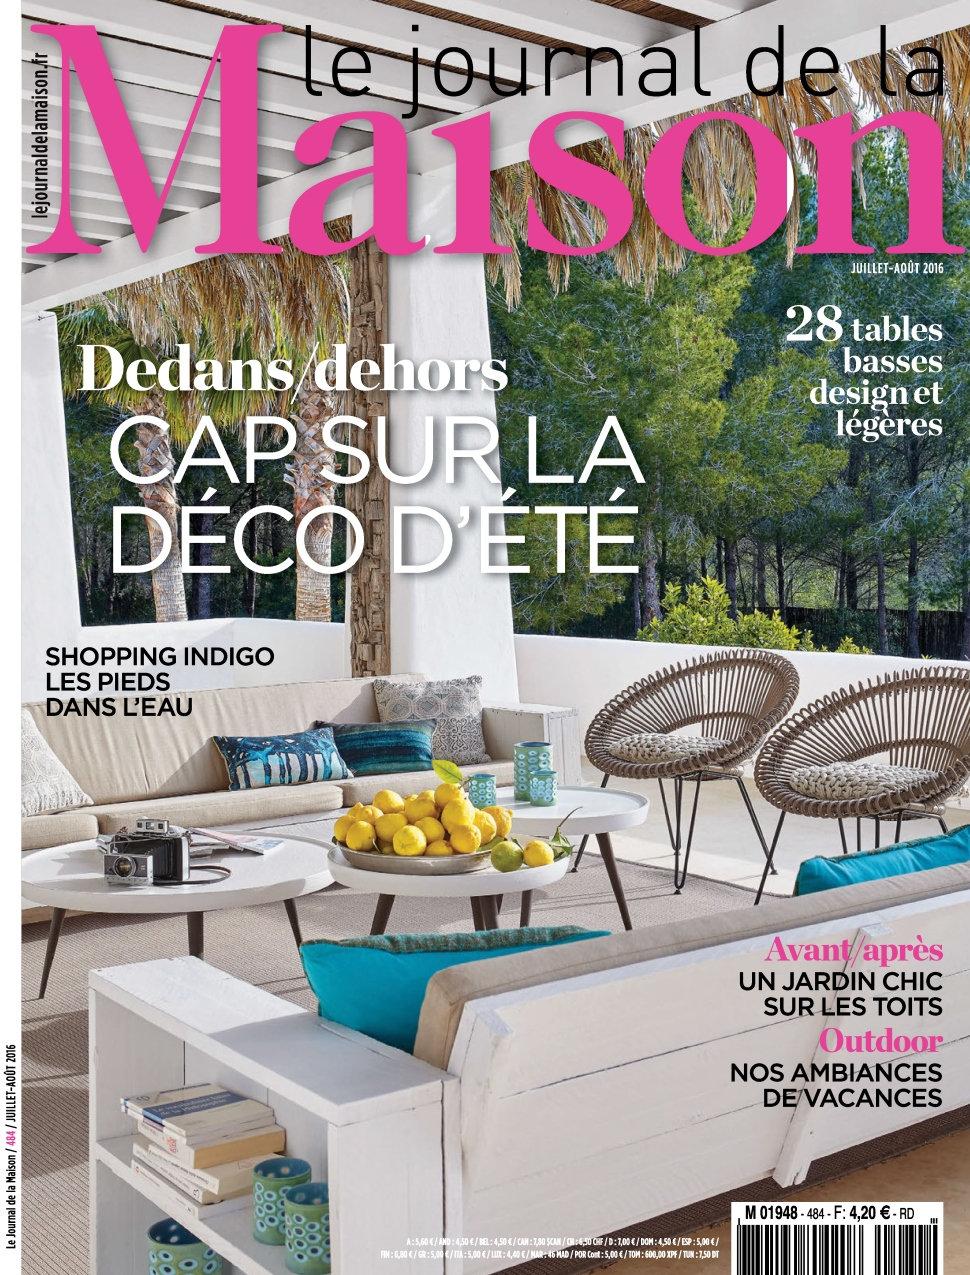 Le Journal de la Maison N°484 - Juillet/Aout 2016